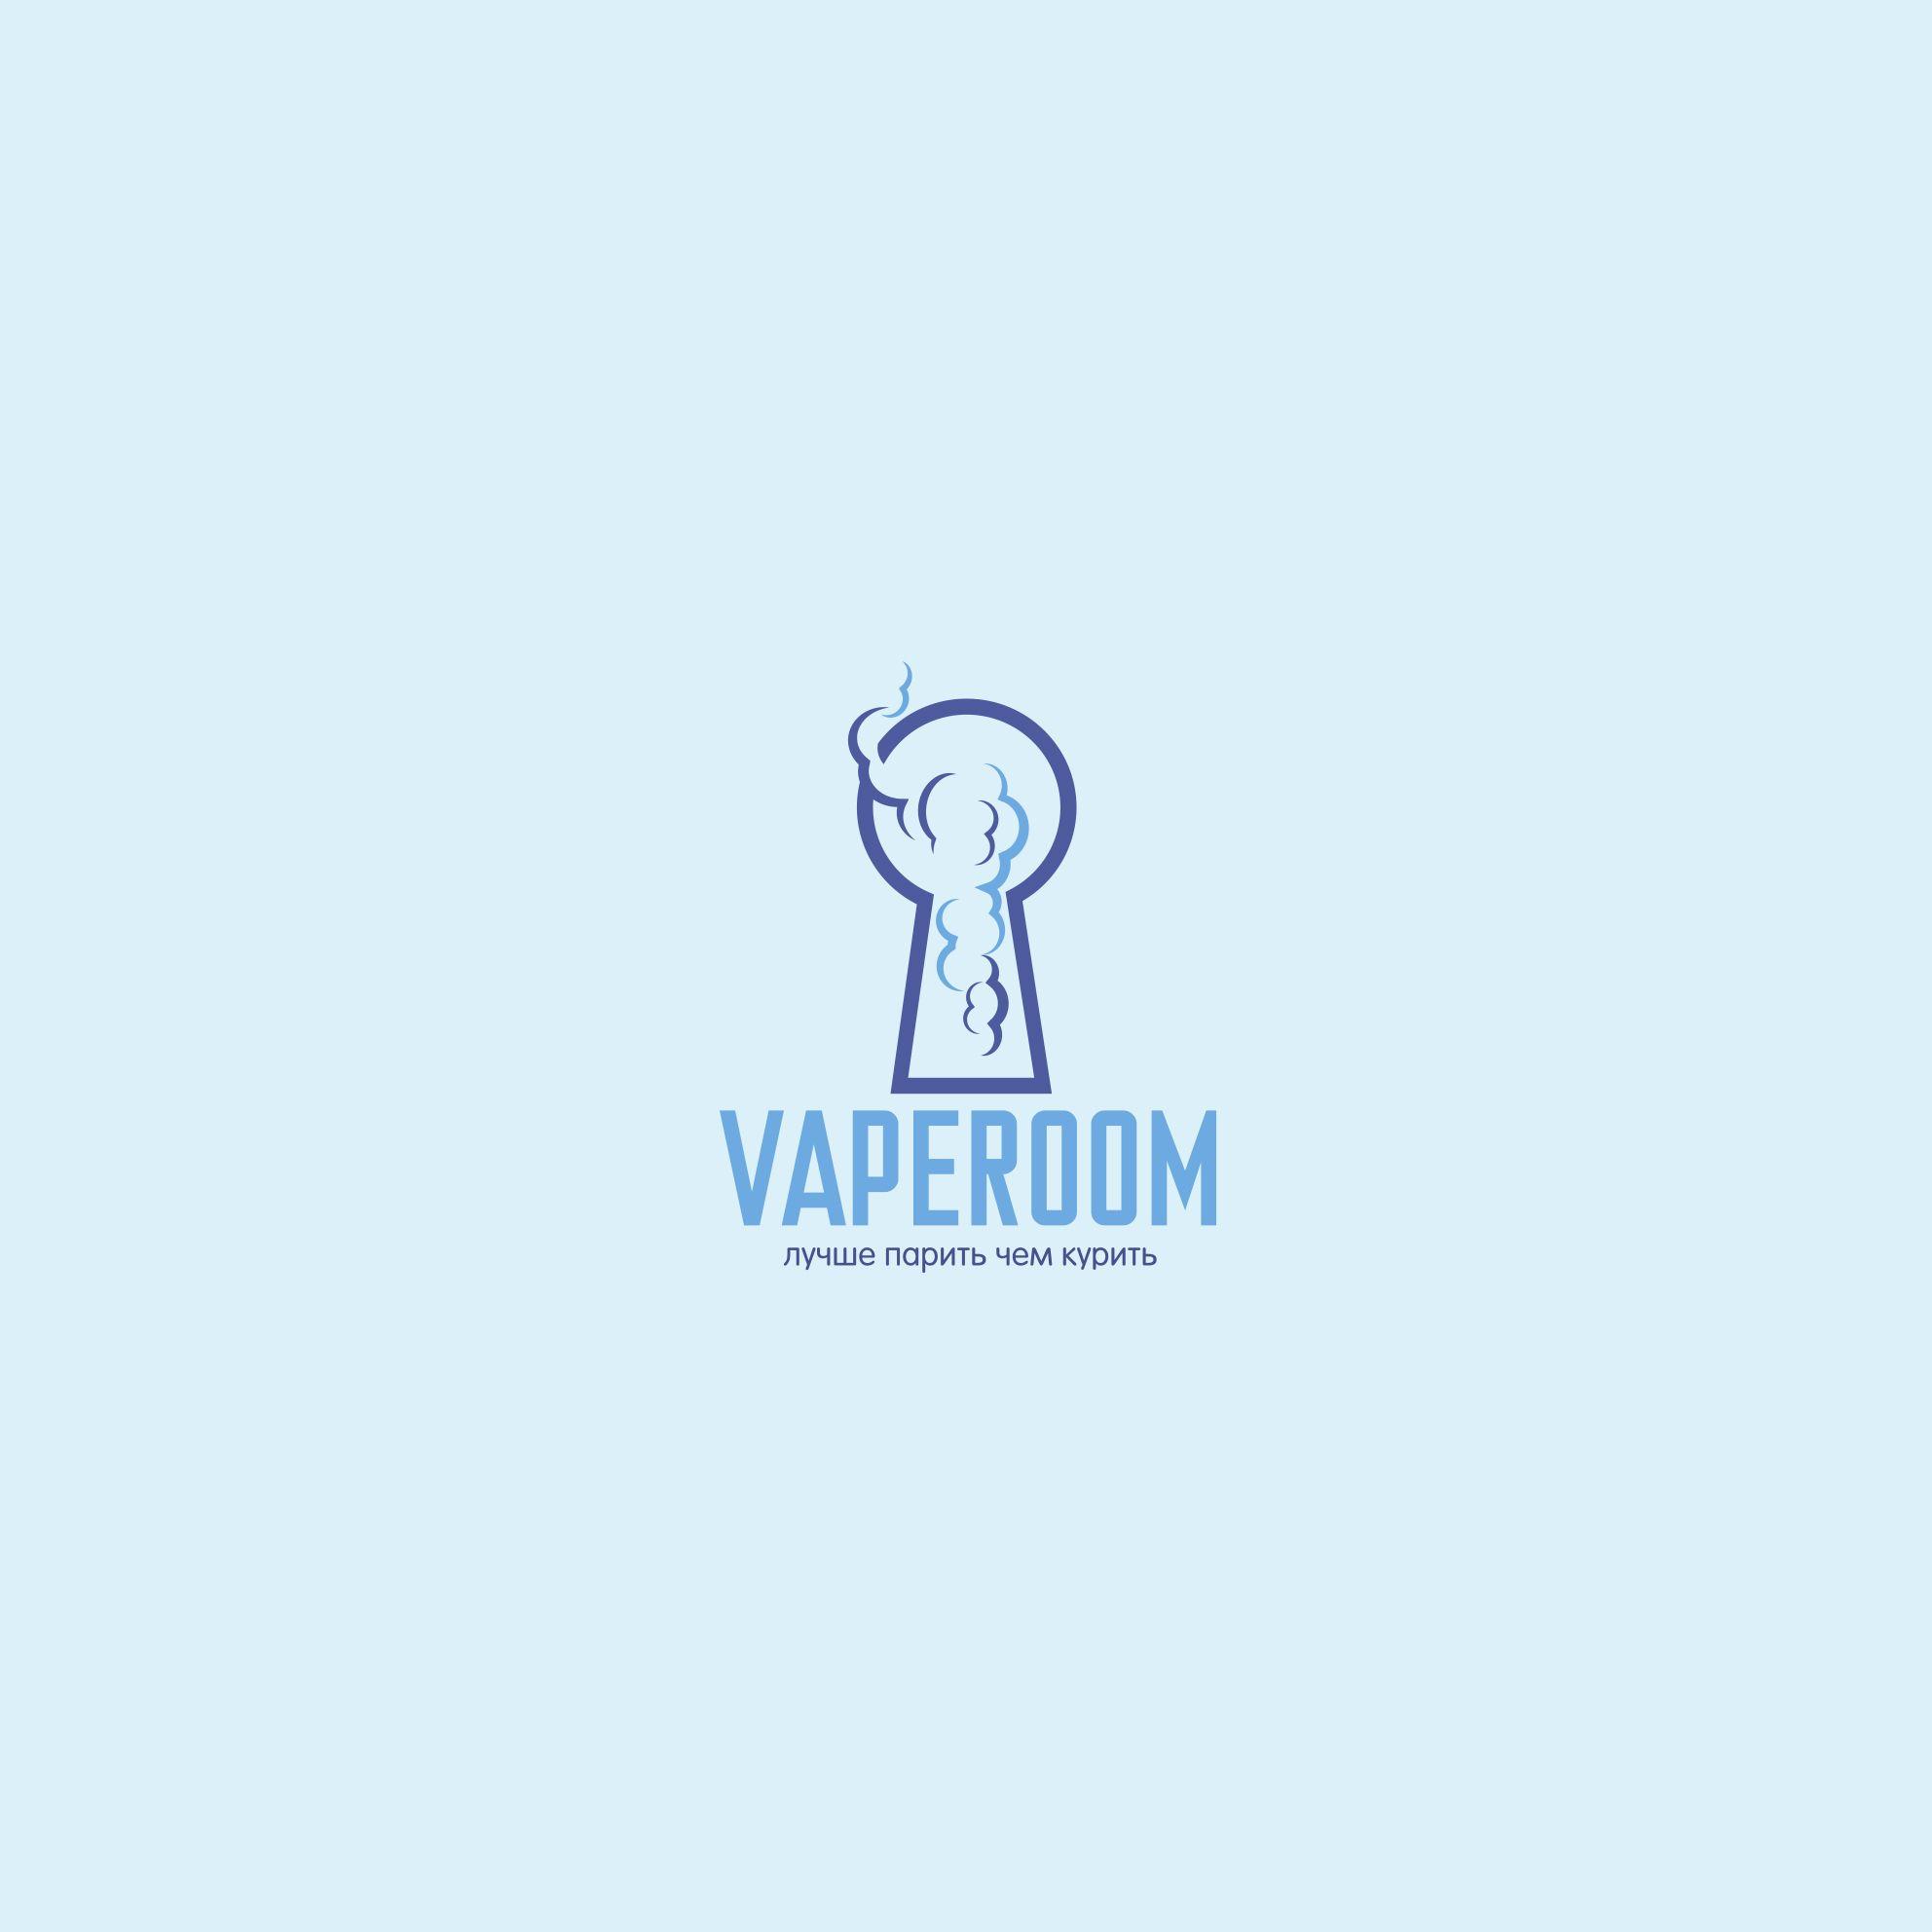 Логотип для сети магазинов VapeRoom  - дизайнер mkravchenko